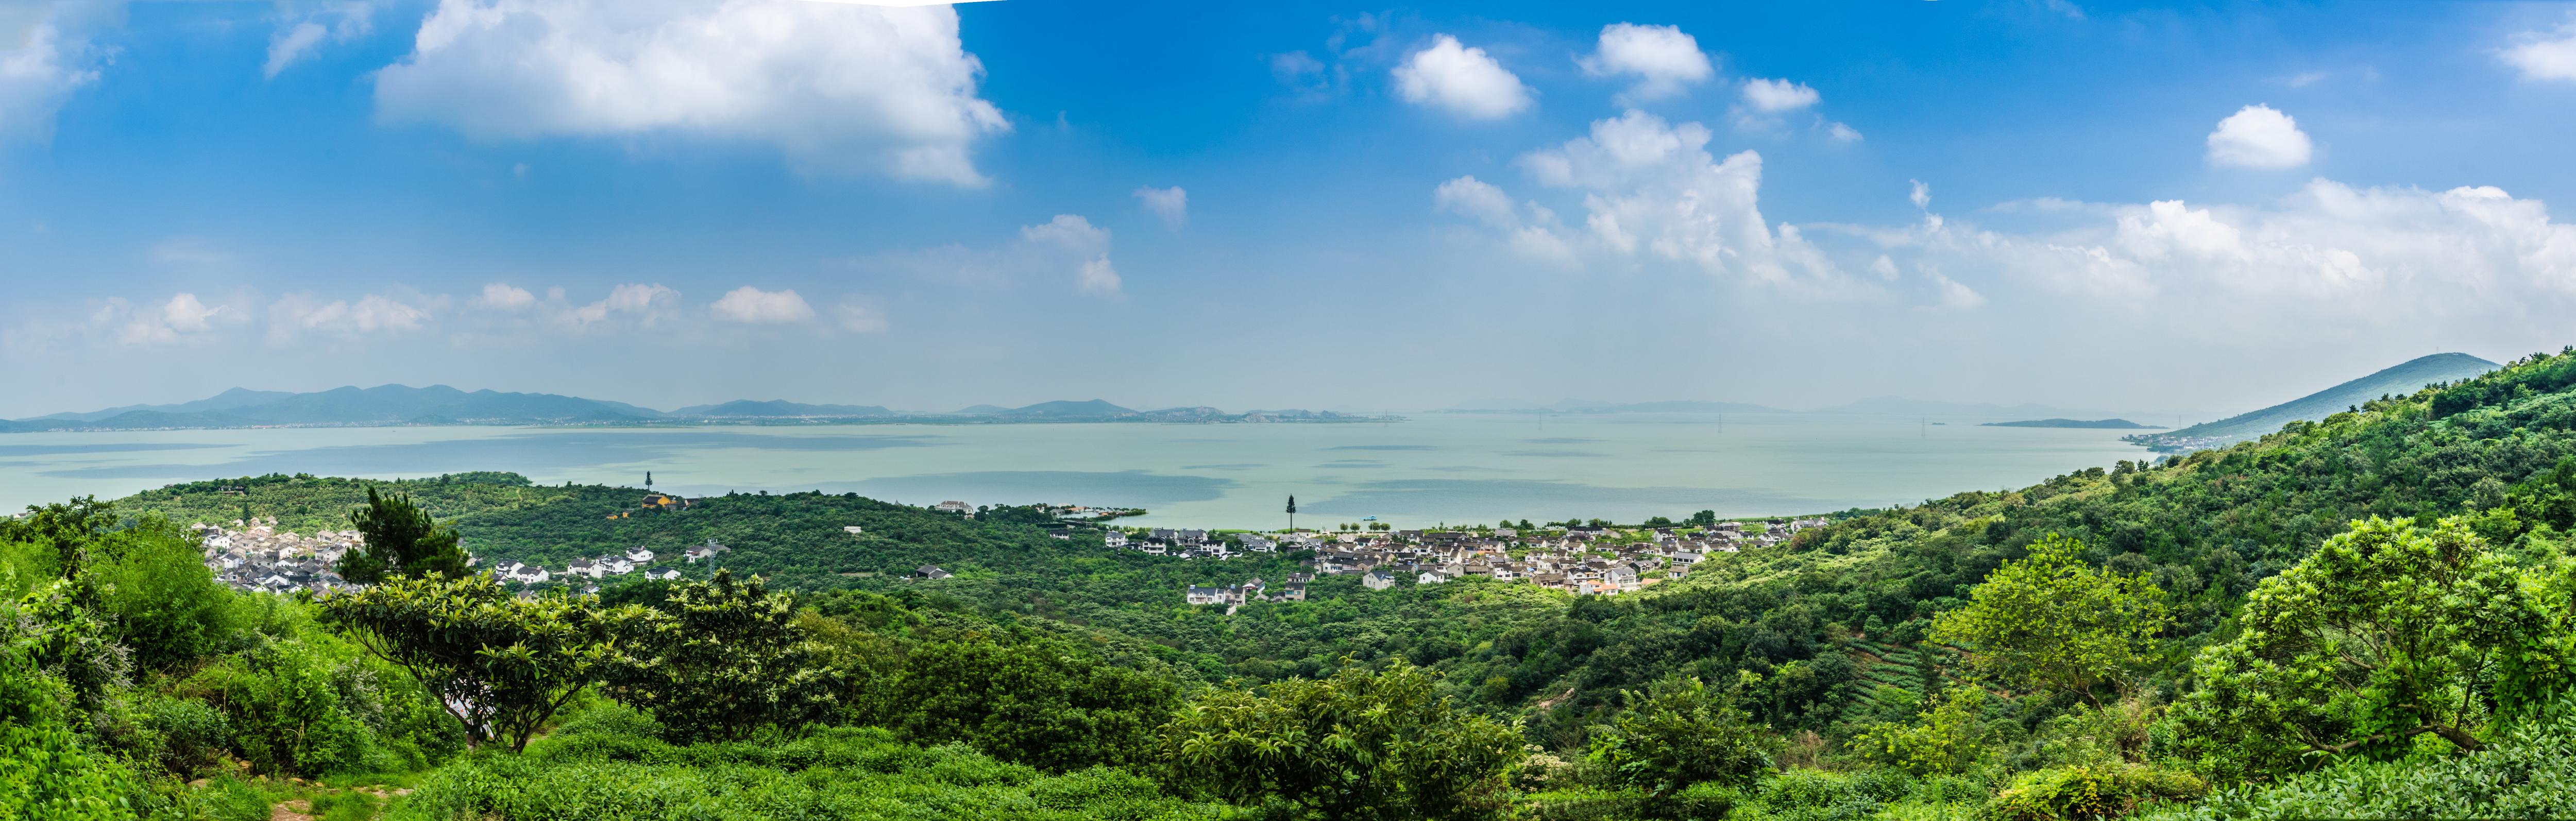 吳中碧螺春茶果間作與太湖生態景觀